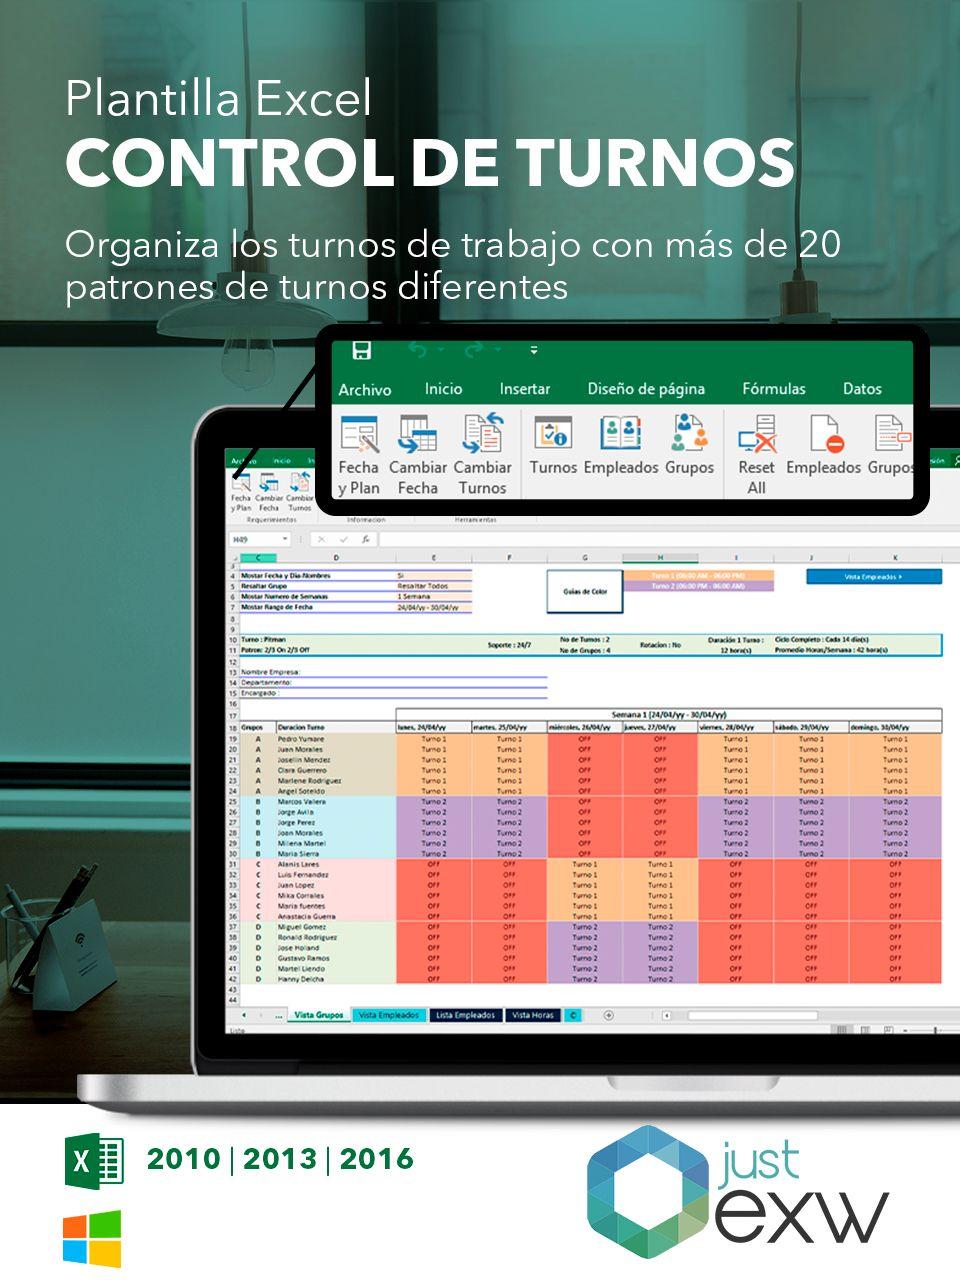 Plantilla Excel de turnos de trabajo